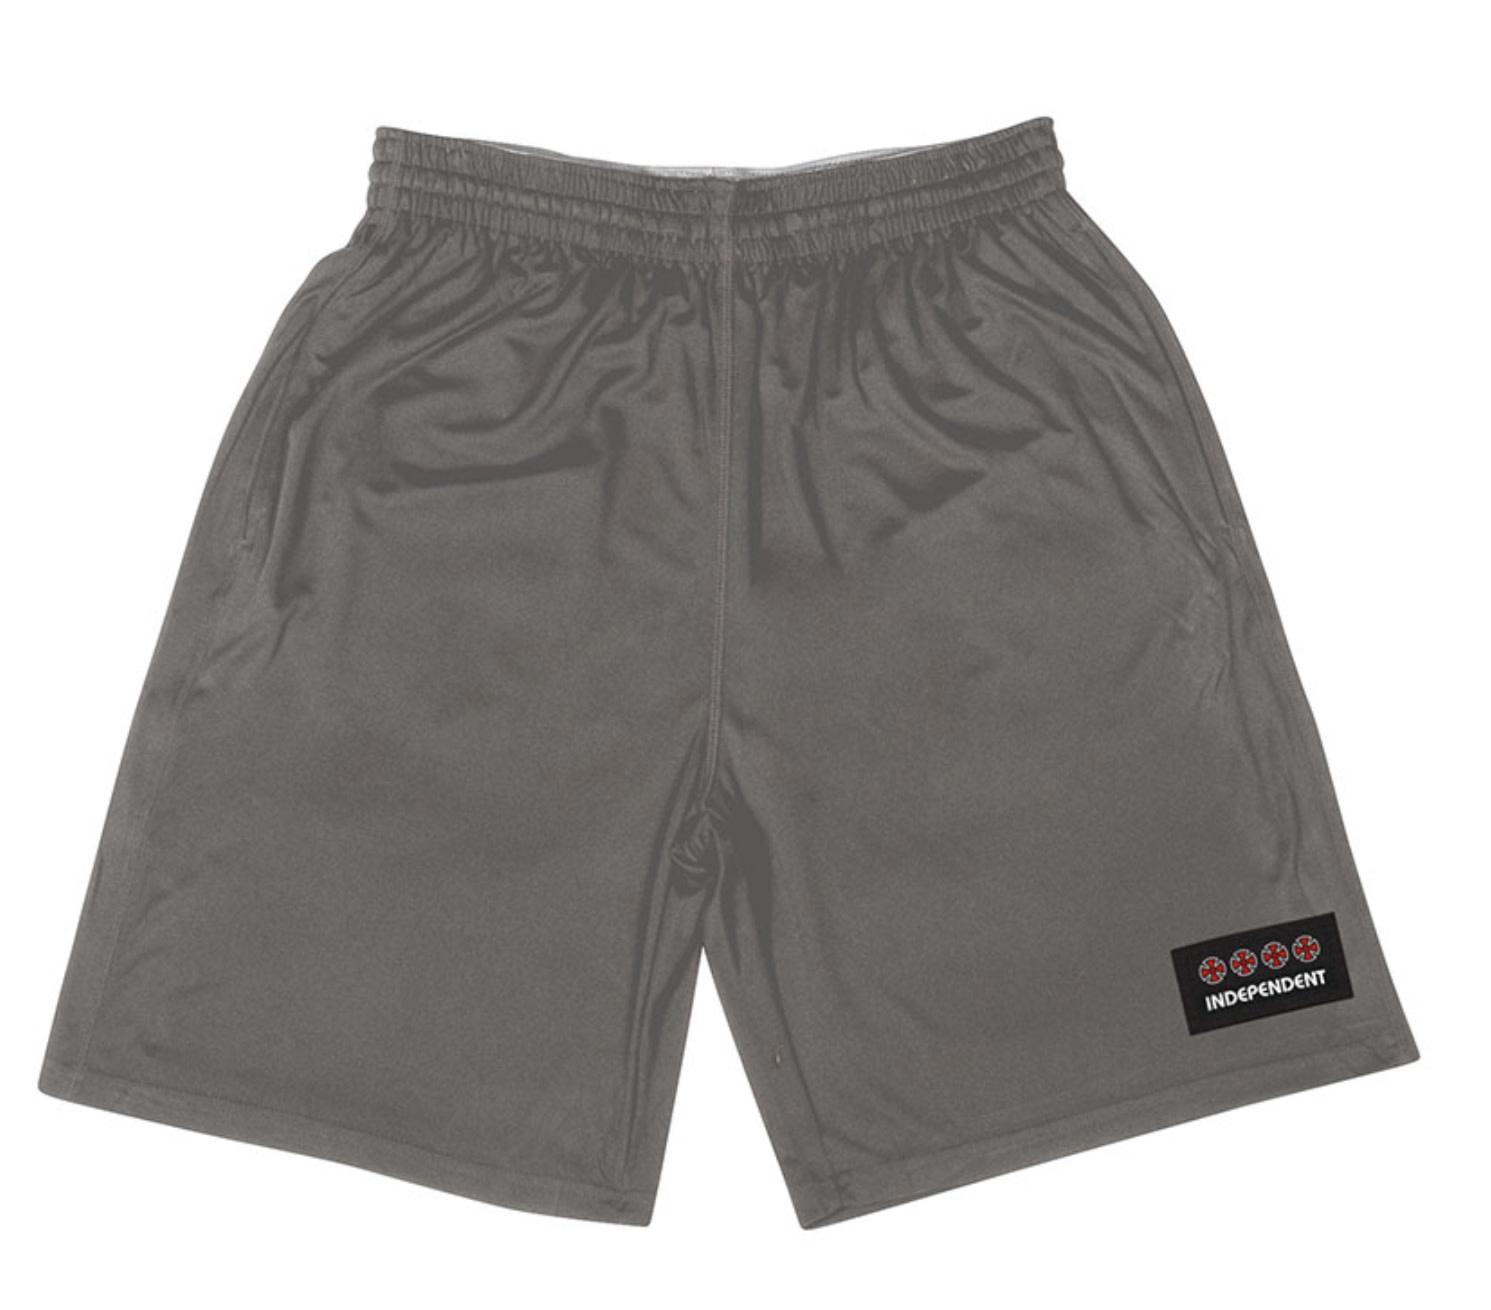 Independent Independent - Manner Basketball Short Bottom Charcoal